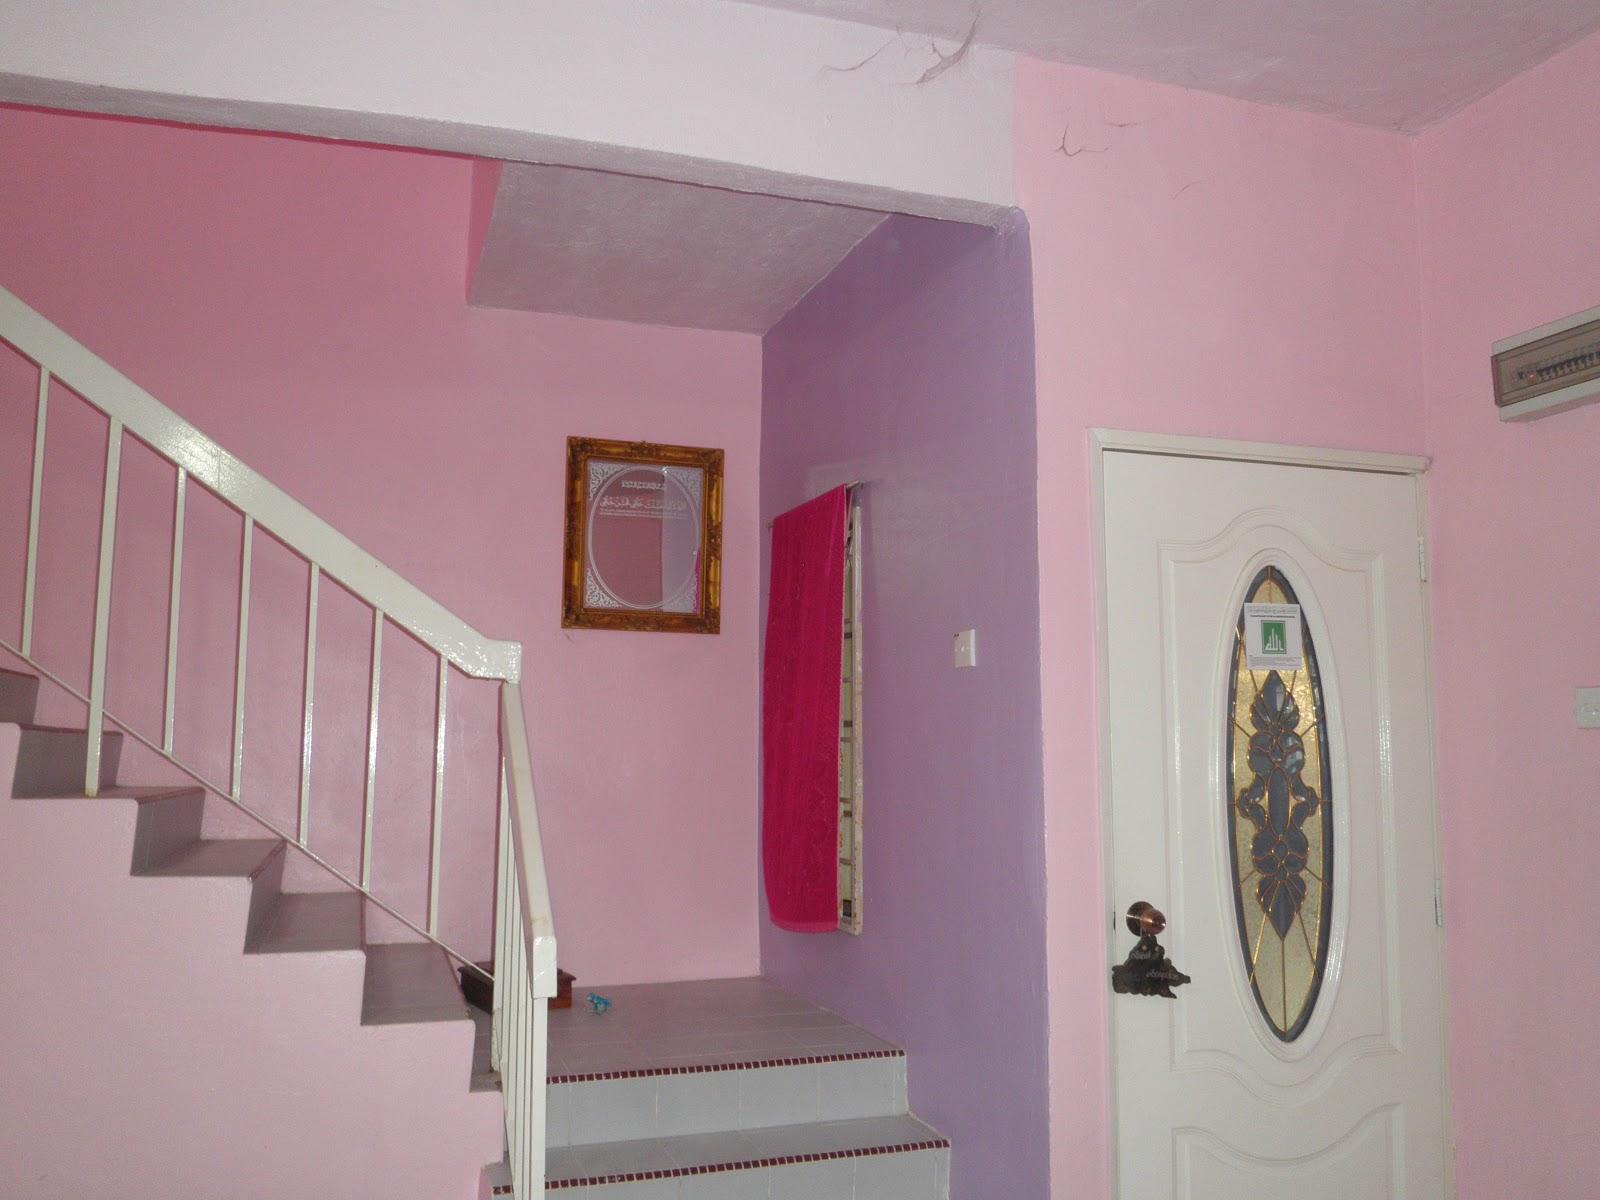 63 Gambar Rumah Cat Pink Muda Gratis